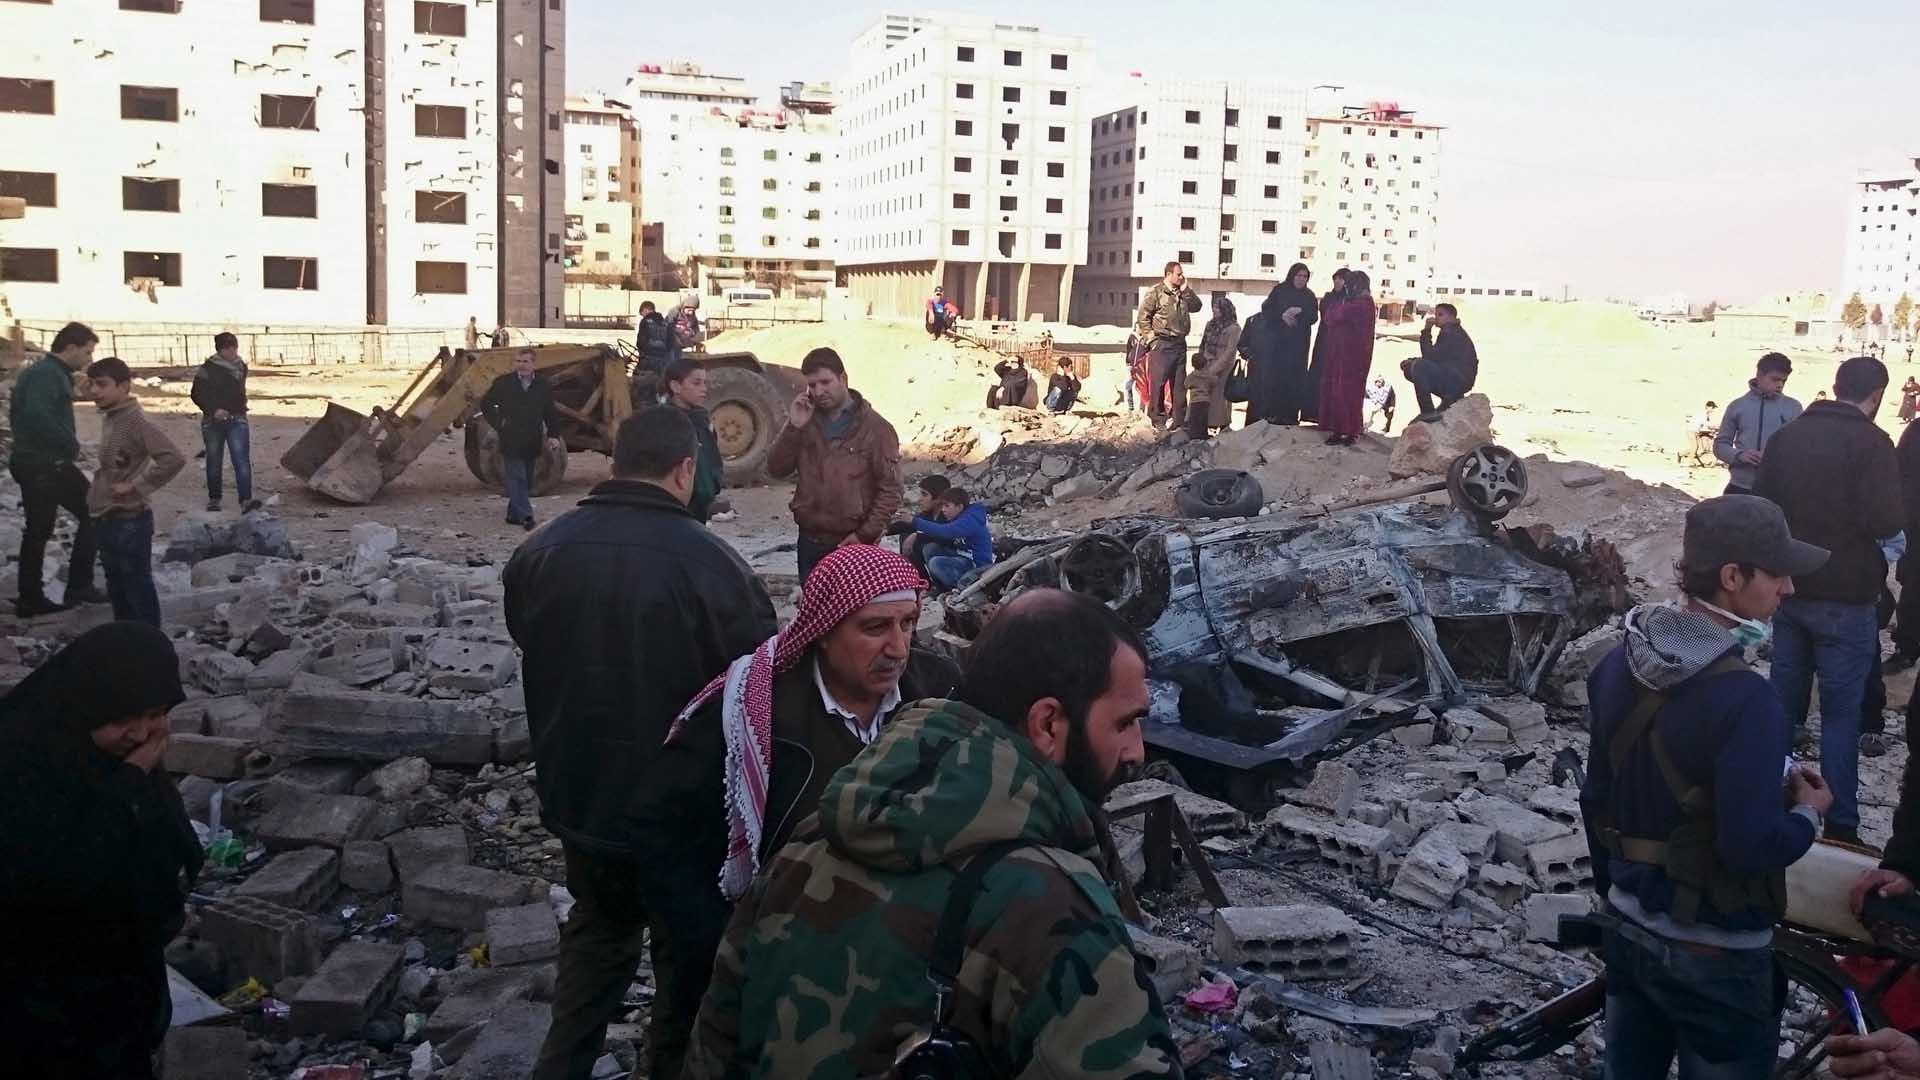 Las bombas estallaron en el barrio de Sayeda Zainab, situado al sur de la capital siria de Damasco